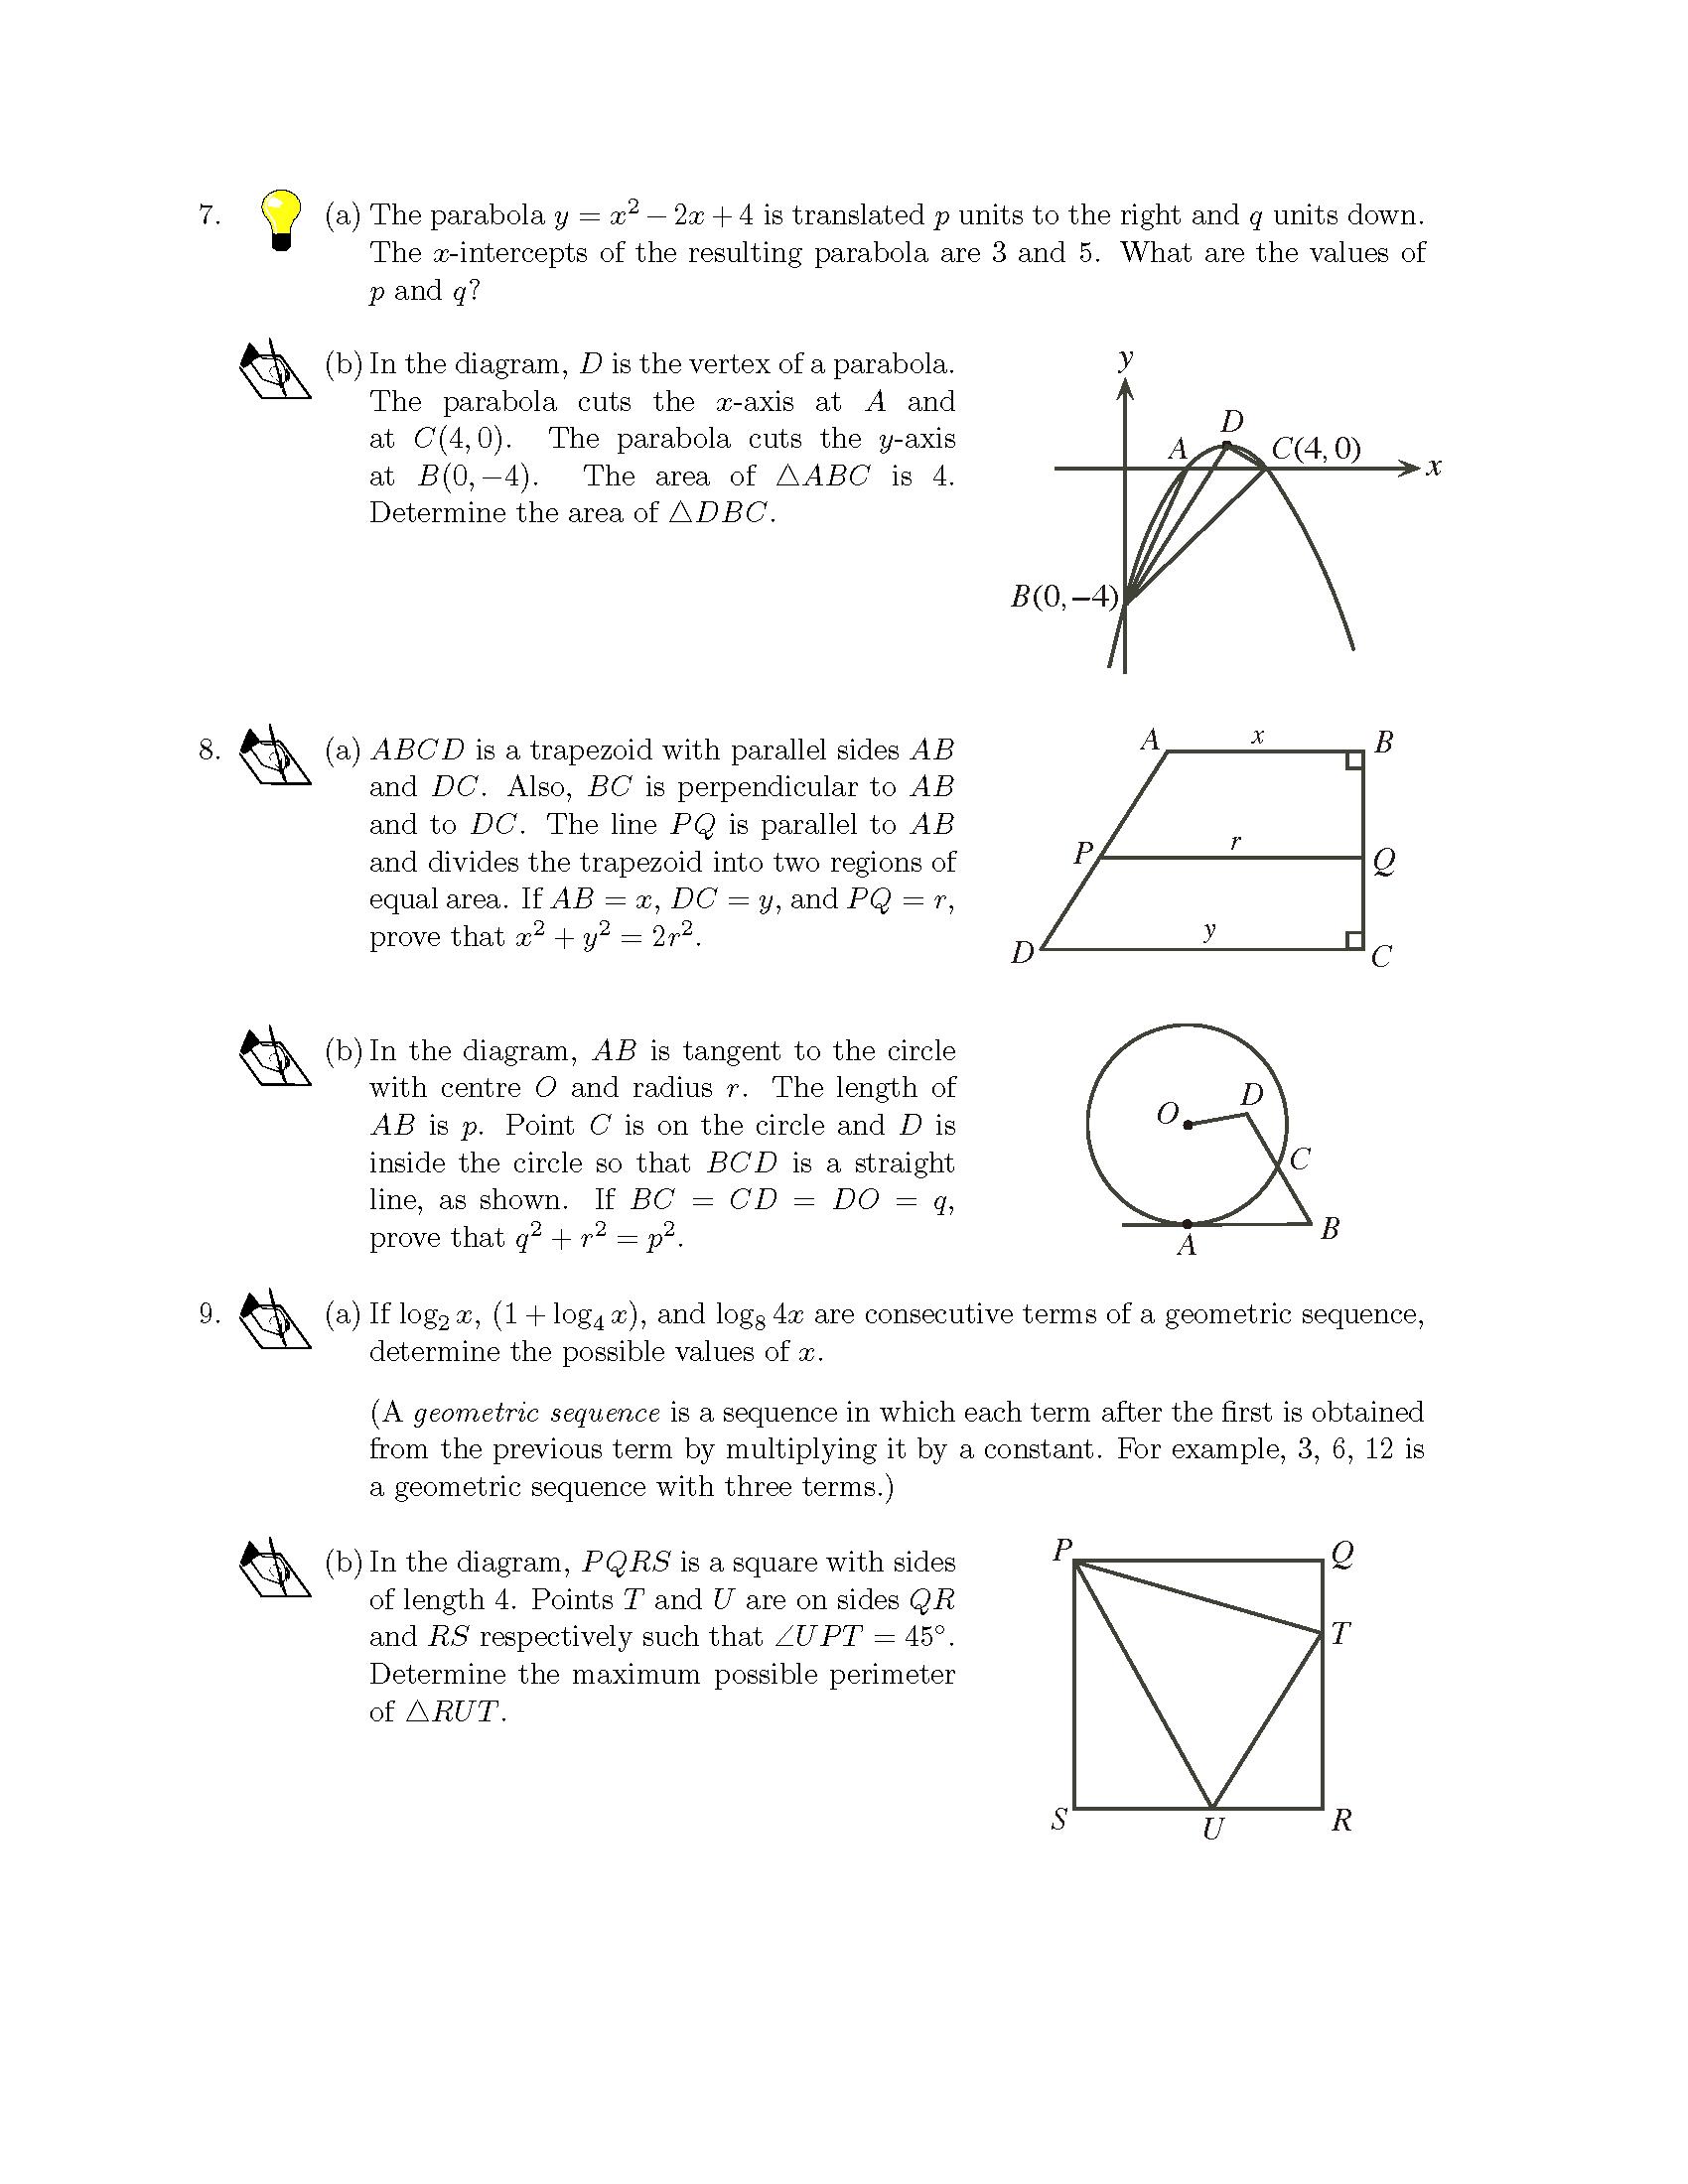 加拿大数学竞赛CMC-Euclid欧几里德数学竞赛2009年真题